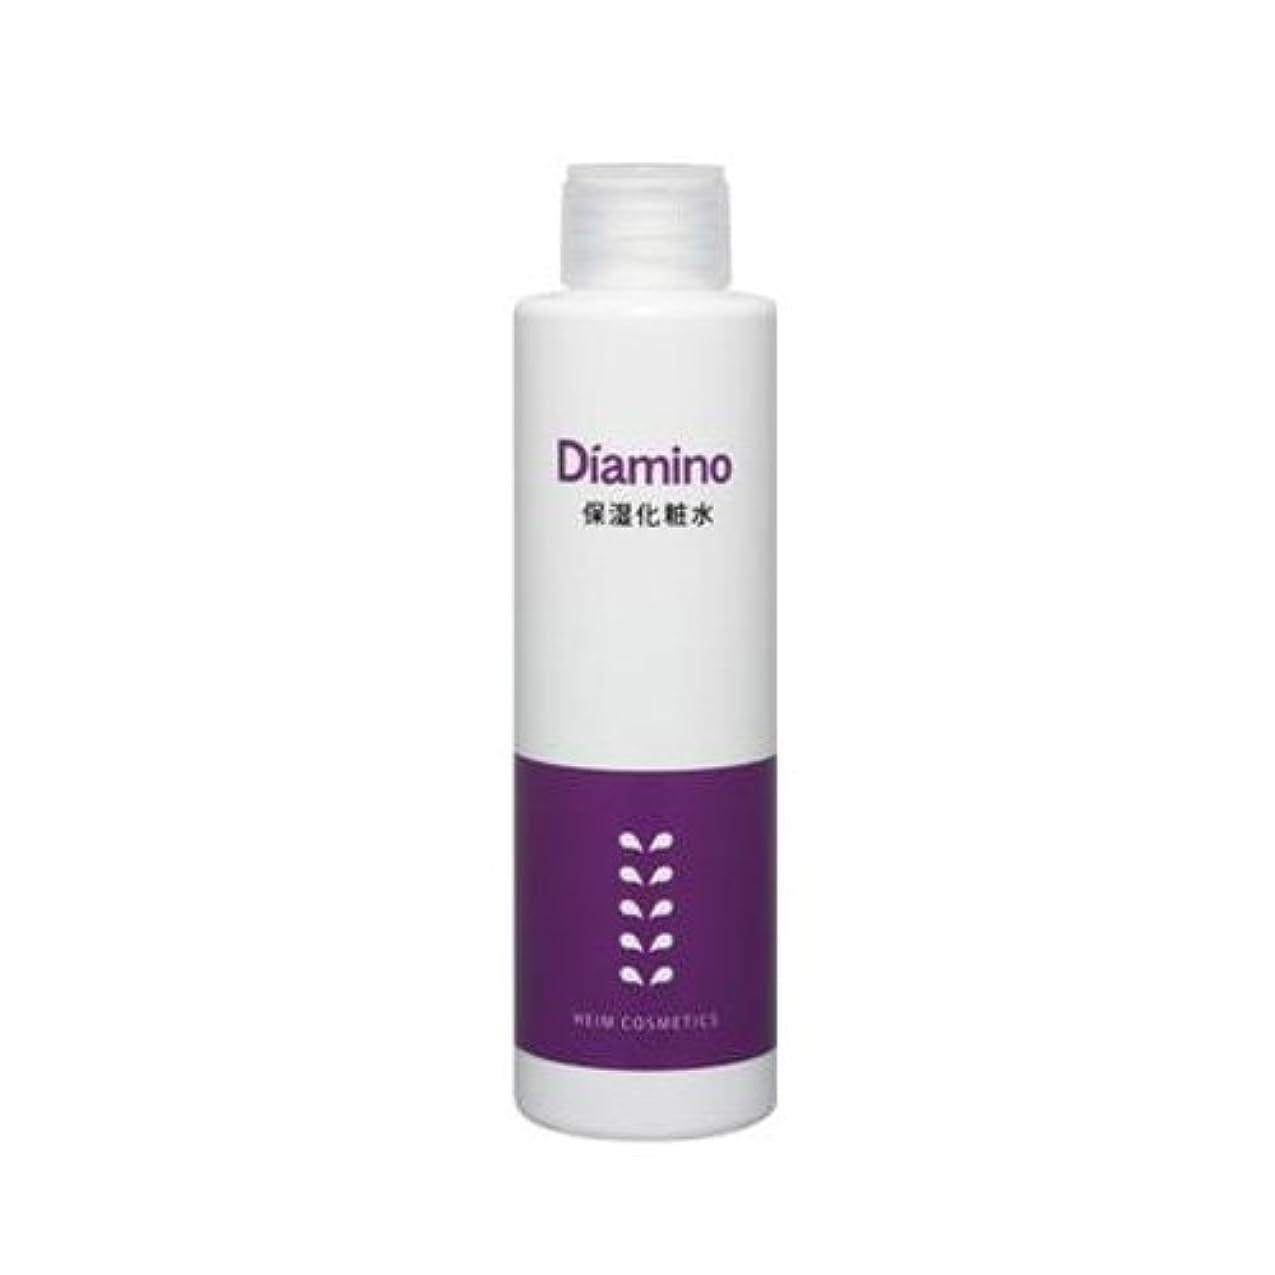 与えるジョージスティーブンソン団結するハイム ディアミノ 保湿化粧水 150ml